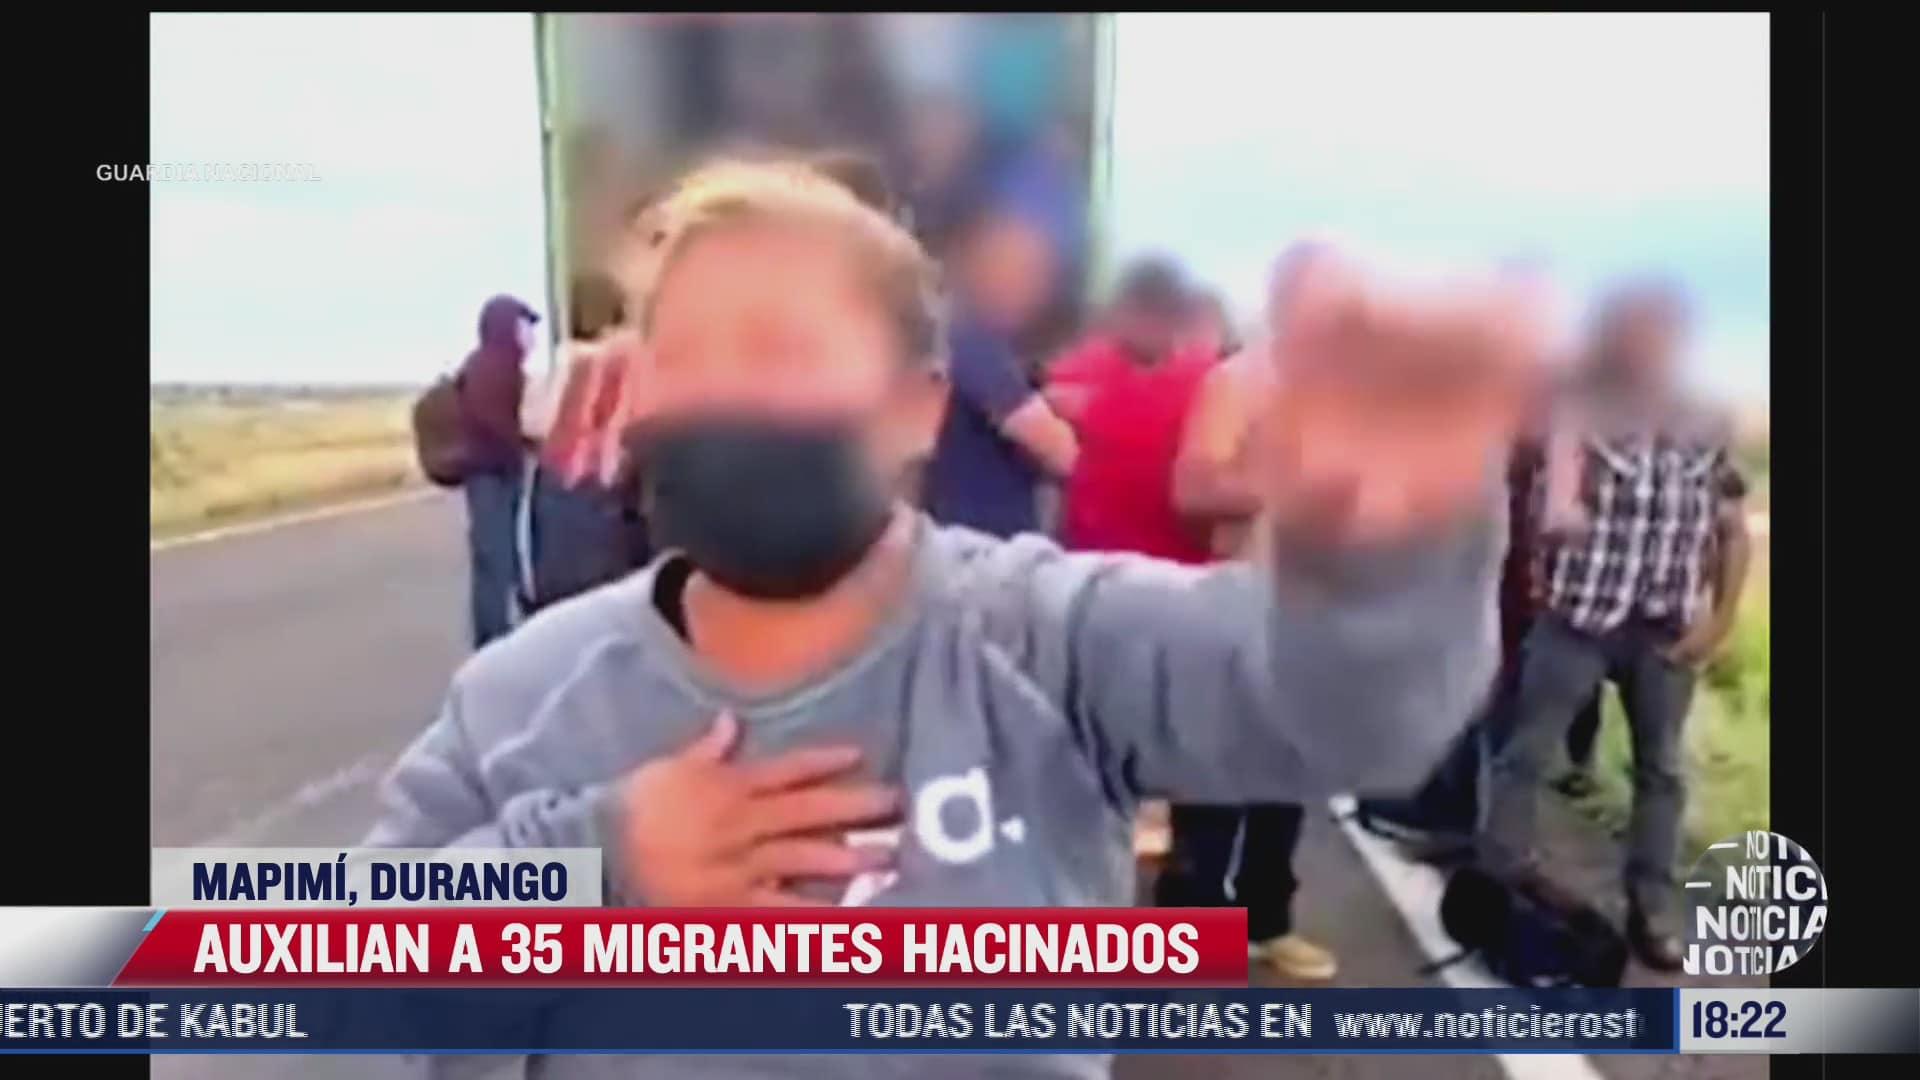 auxilian a 35 migrantes hacinados en mapimi durango